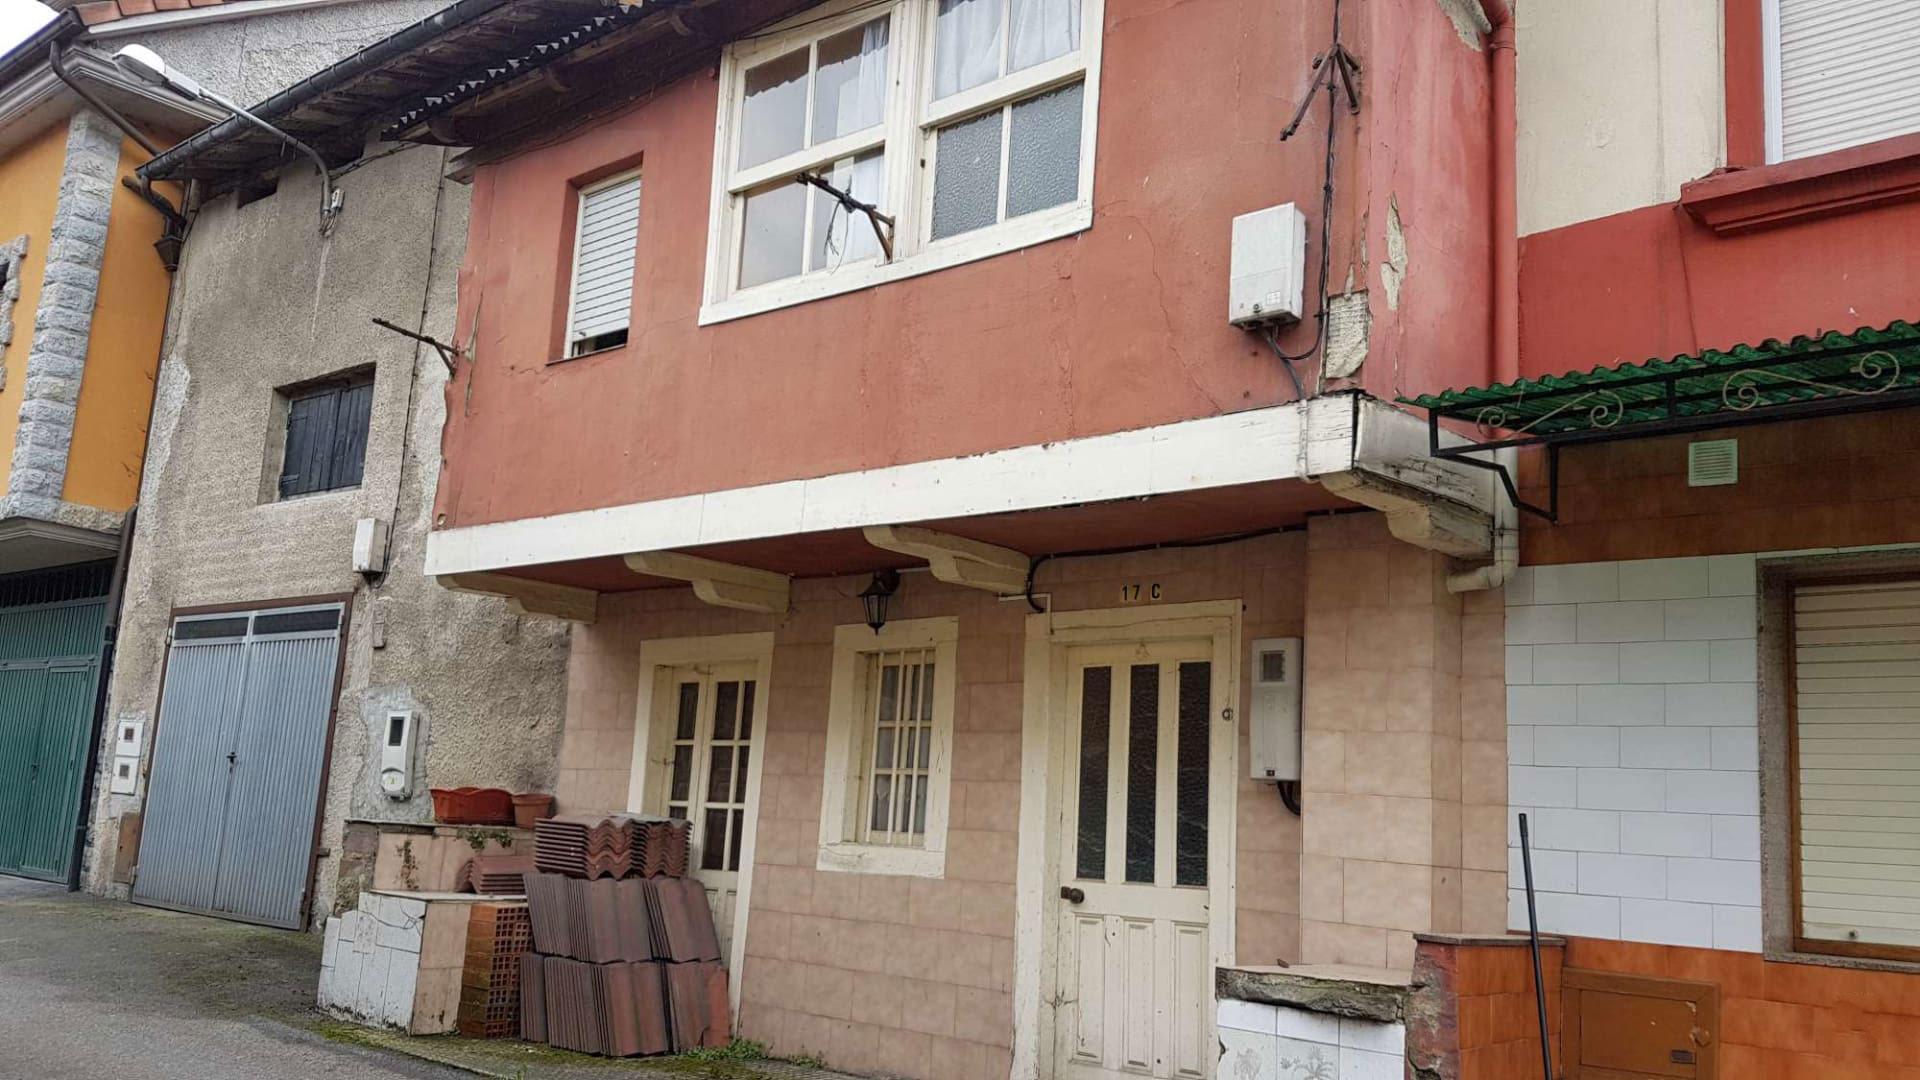 Casa en venta en Los Barreros/barredos, Gozón, Asturias, Calle Villoria, 17.348 €, 3 habitaciones, 1 baño, 86 m2